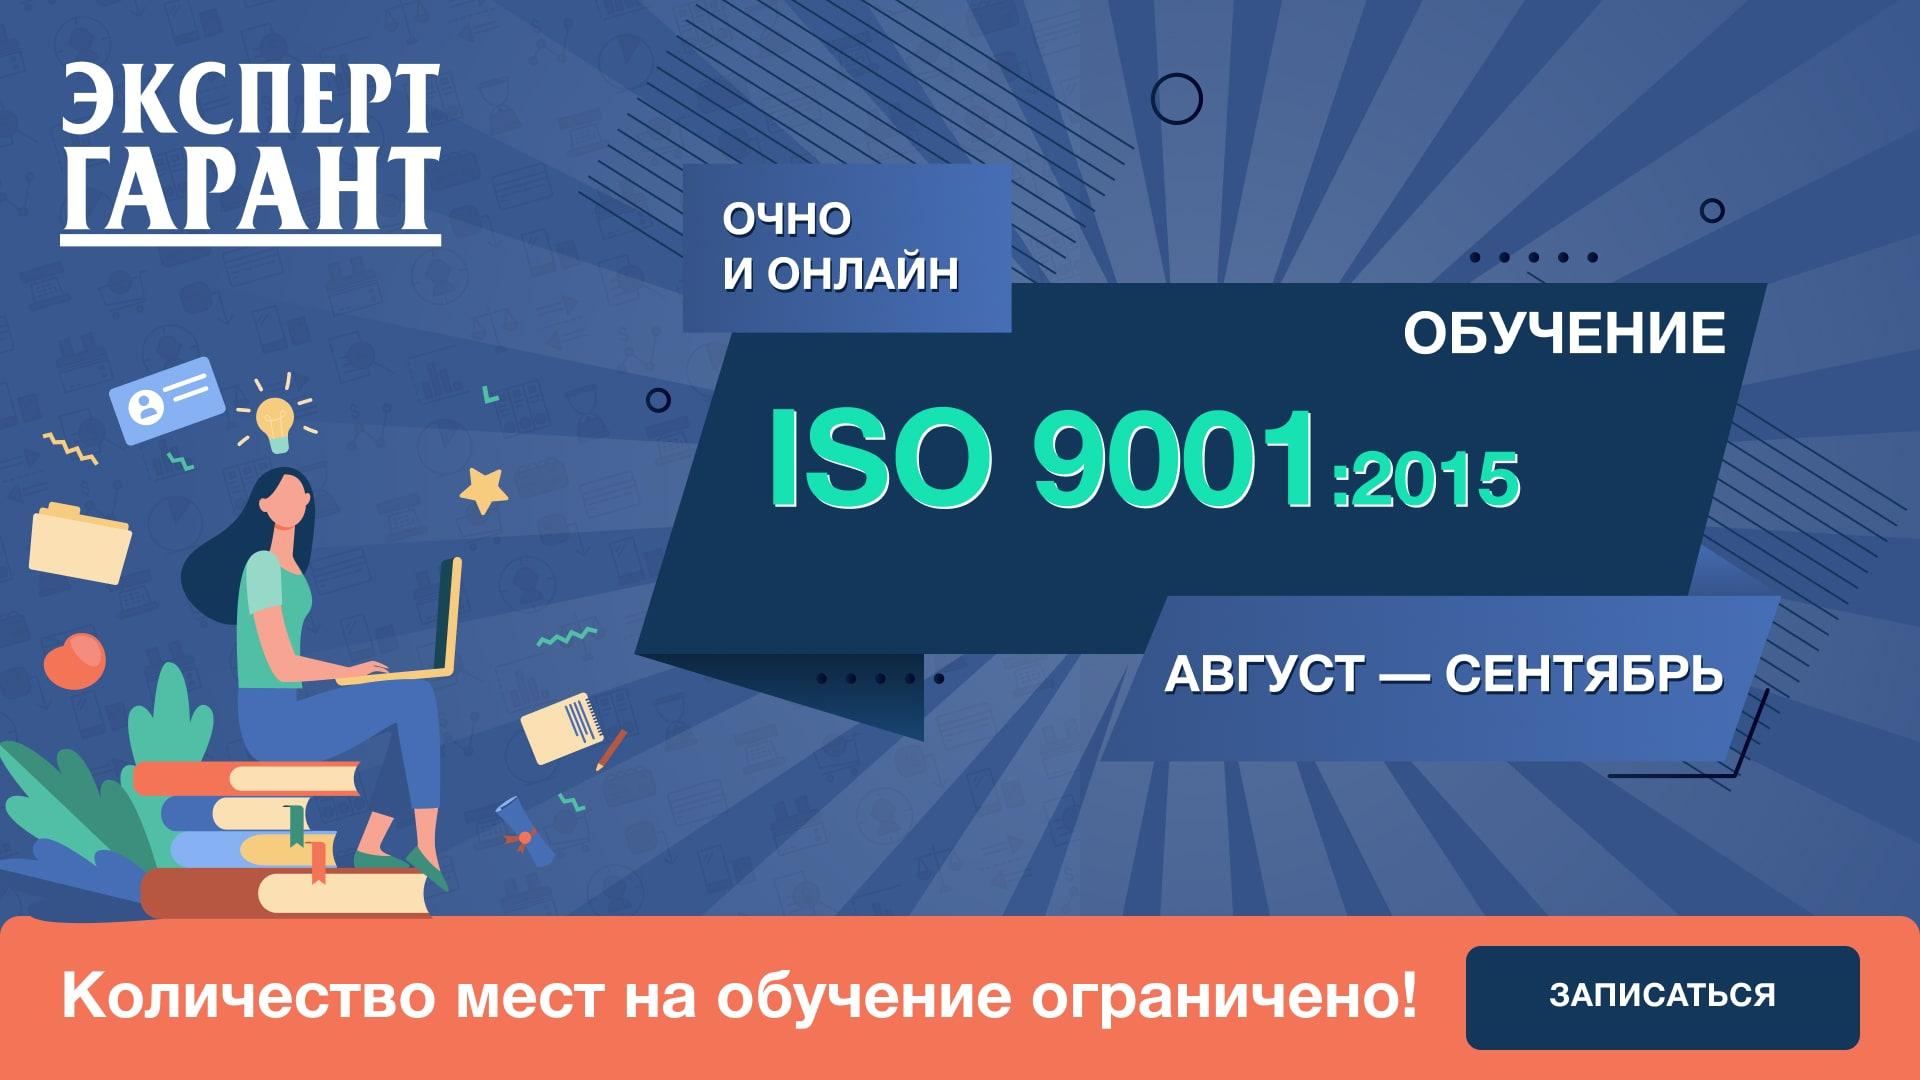 Обучение системе менеджмента качества по стандарту ГОСТ Р ИСО 9001:2015 (ISO 9001:2015)